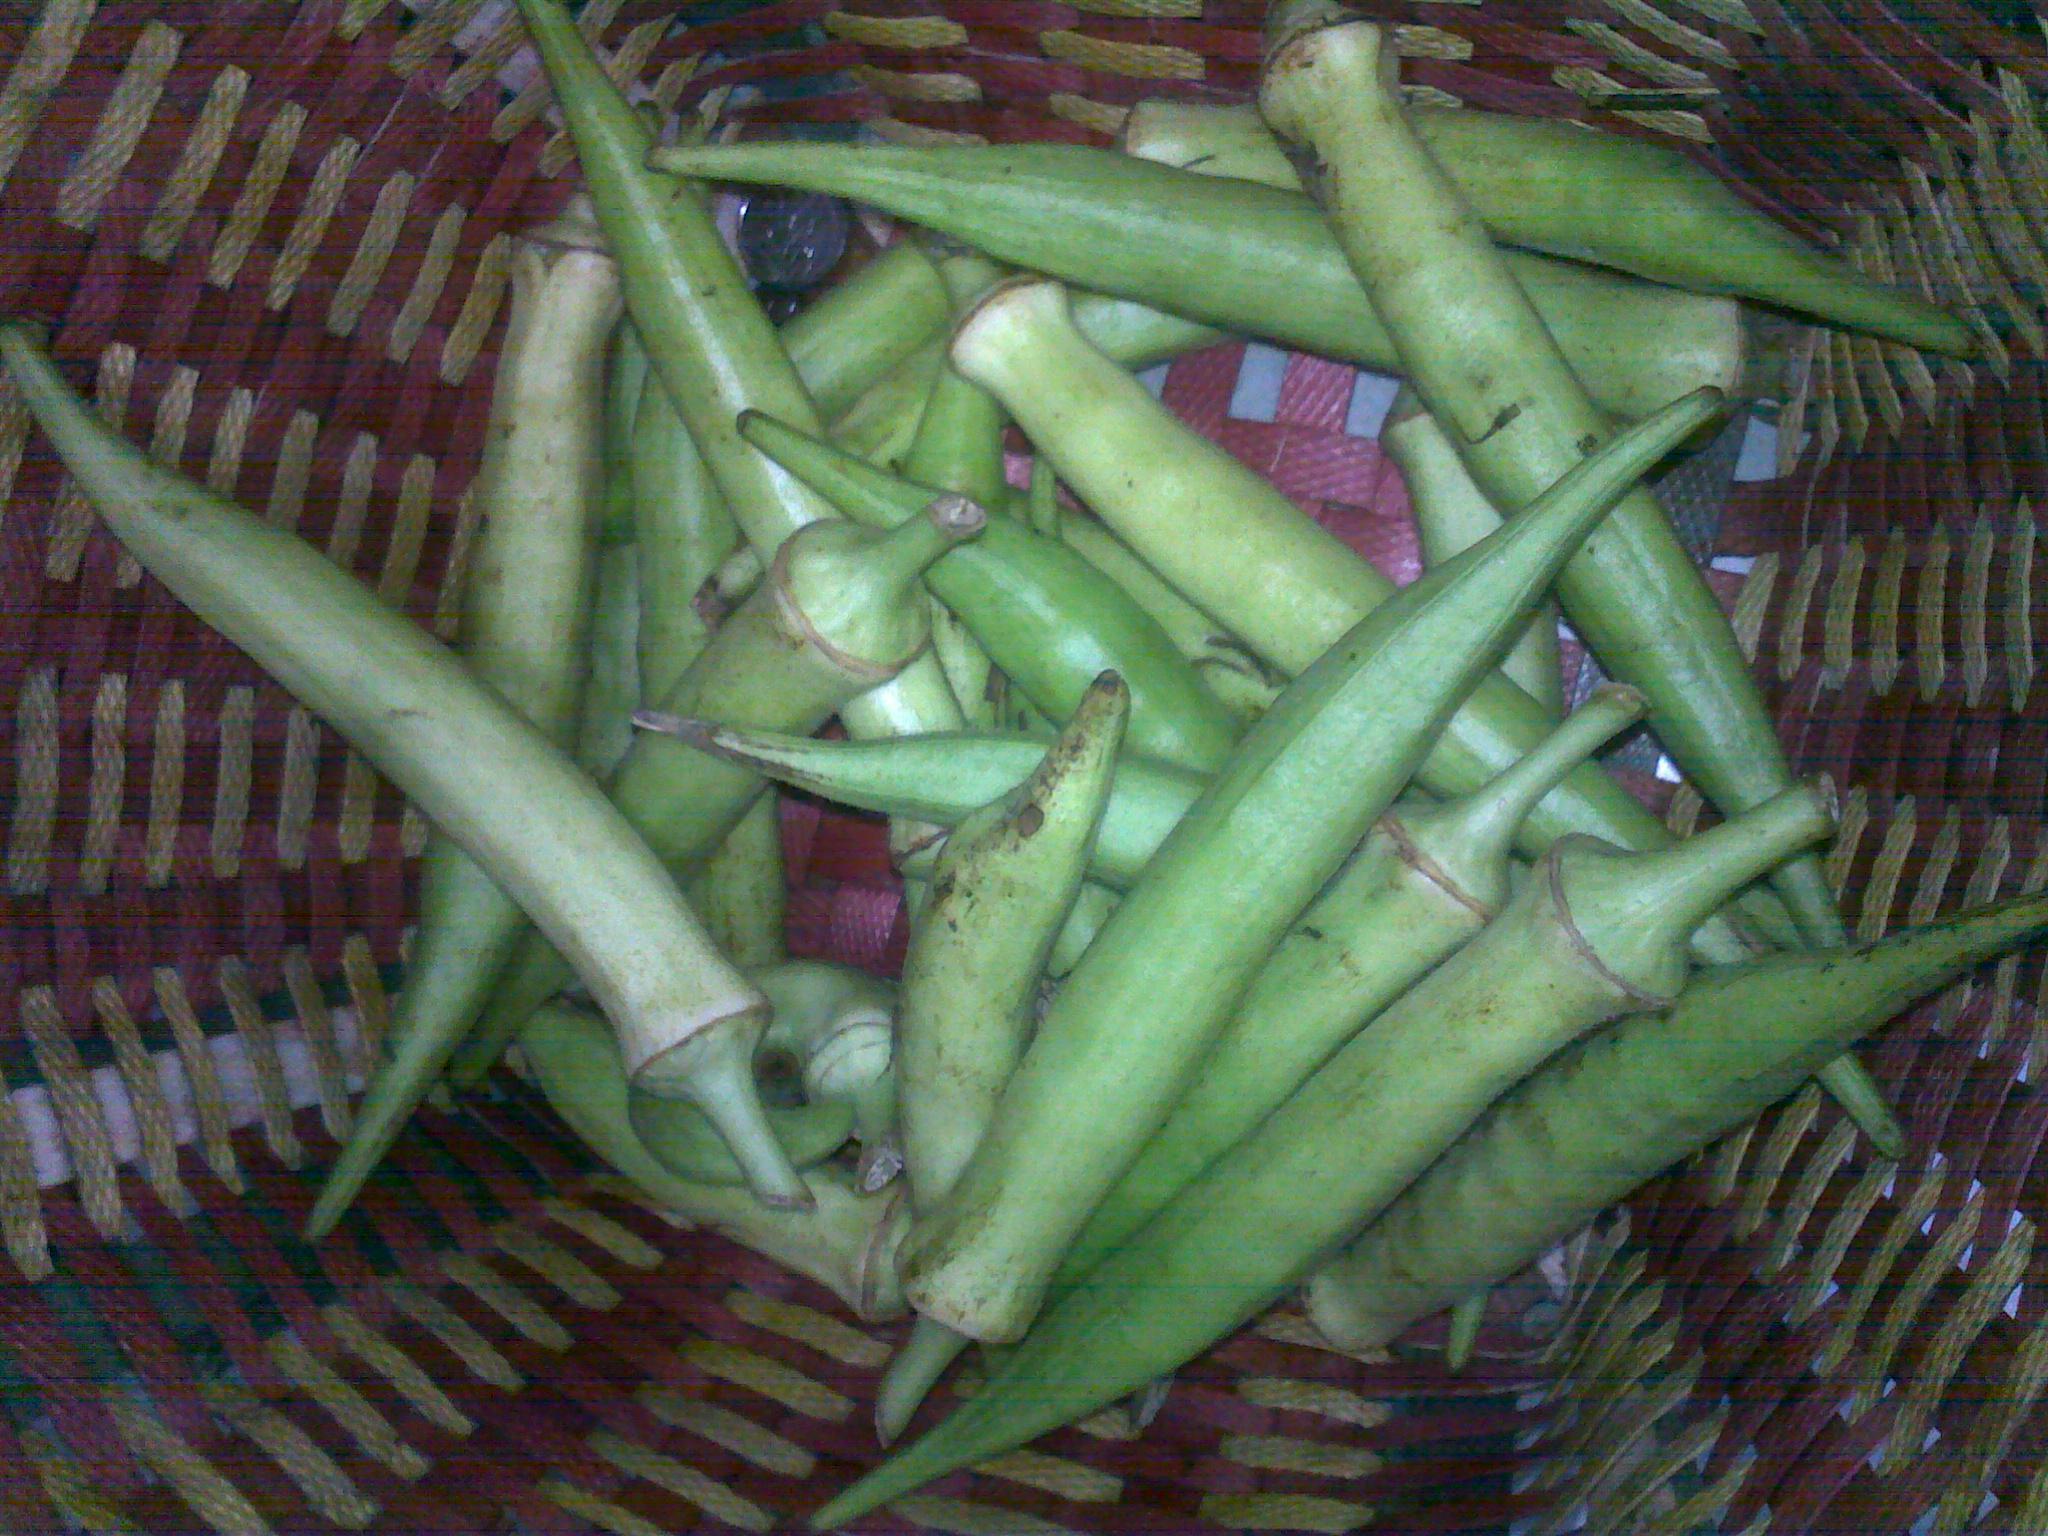 请问有没有一种有机 蔬菜 外形类似青椒的高清图片